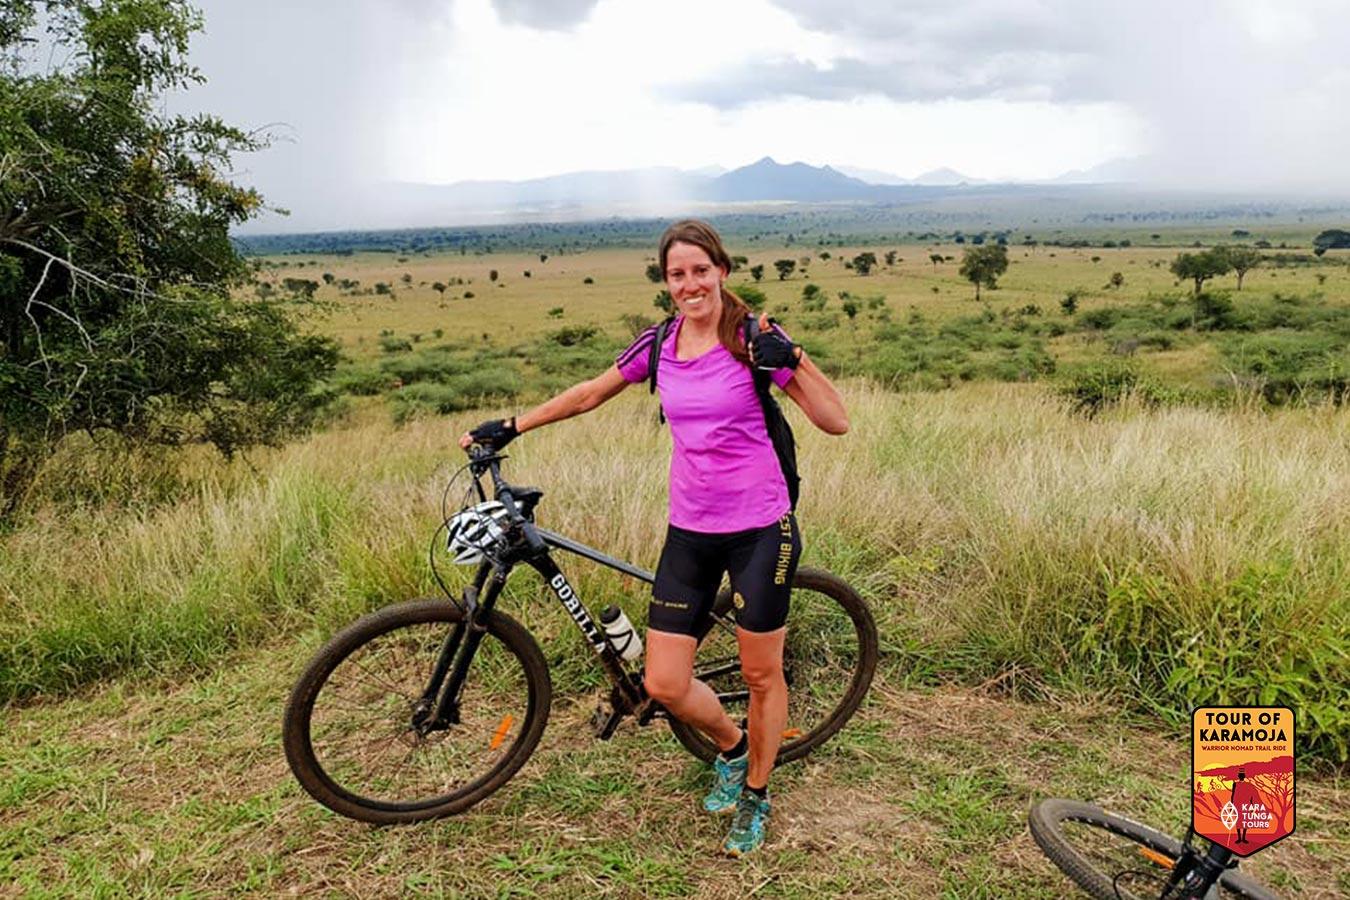 kara-tunga-tour-of-karamoja-2020-bike-event-uganda-carina-2